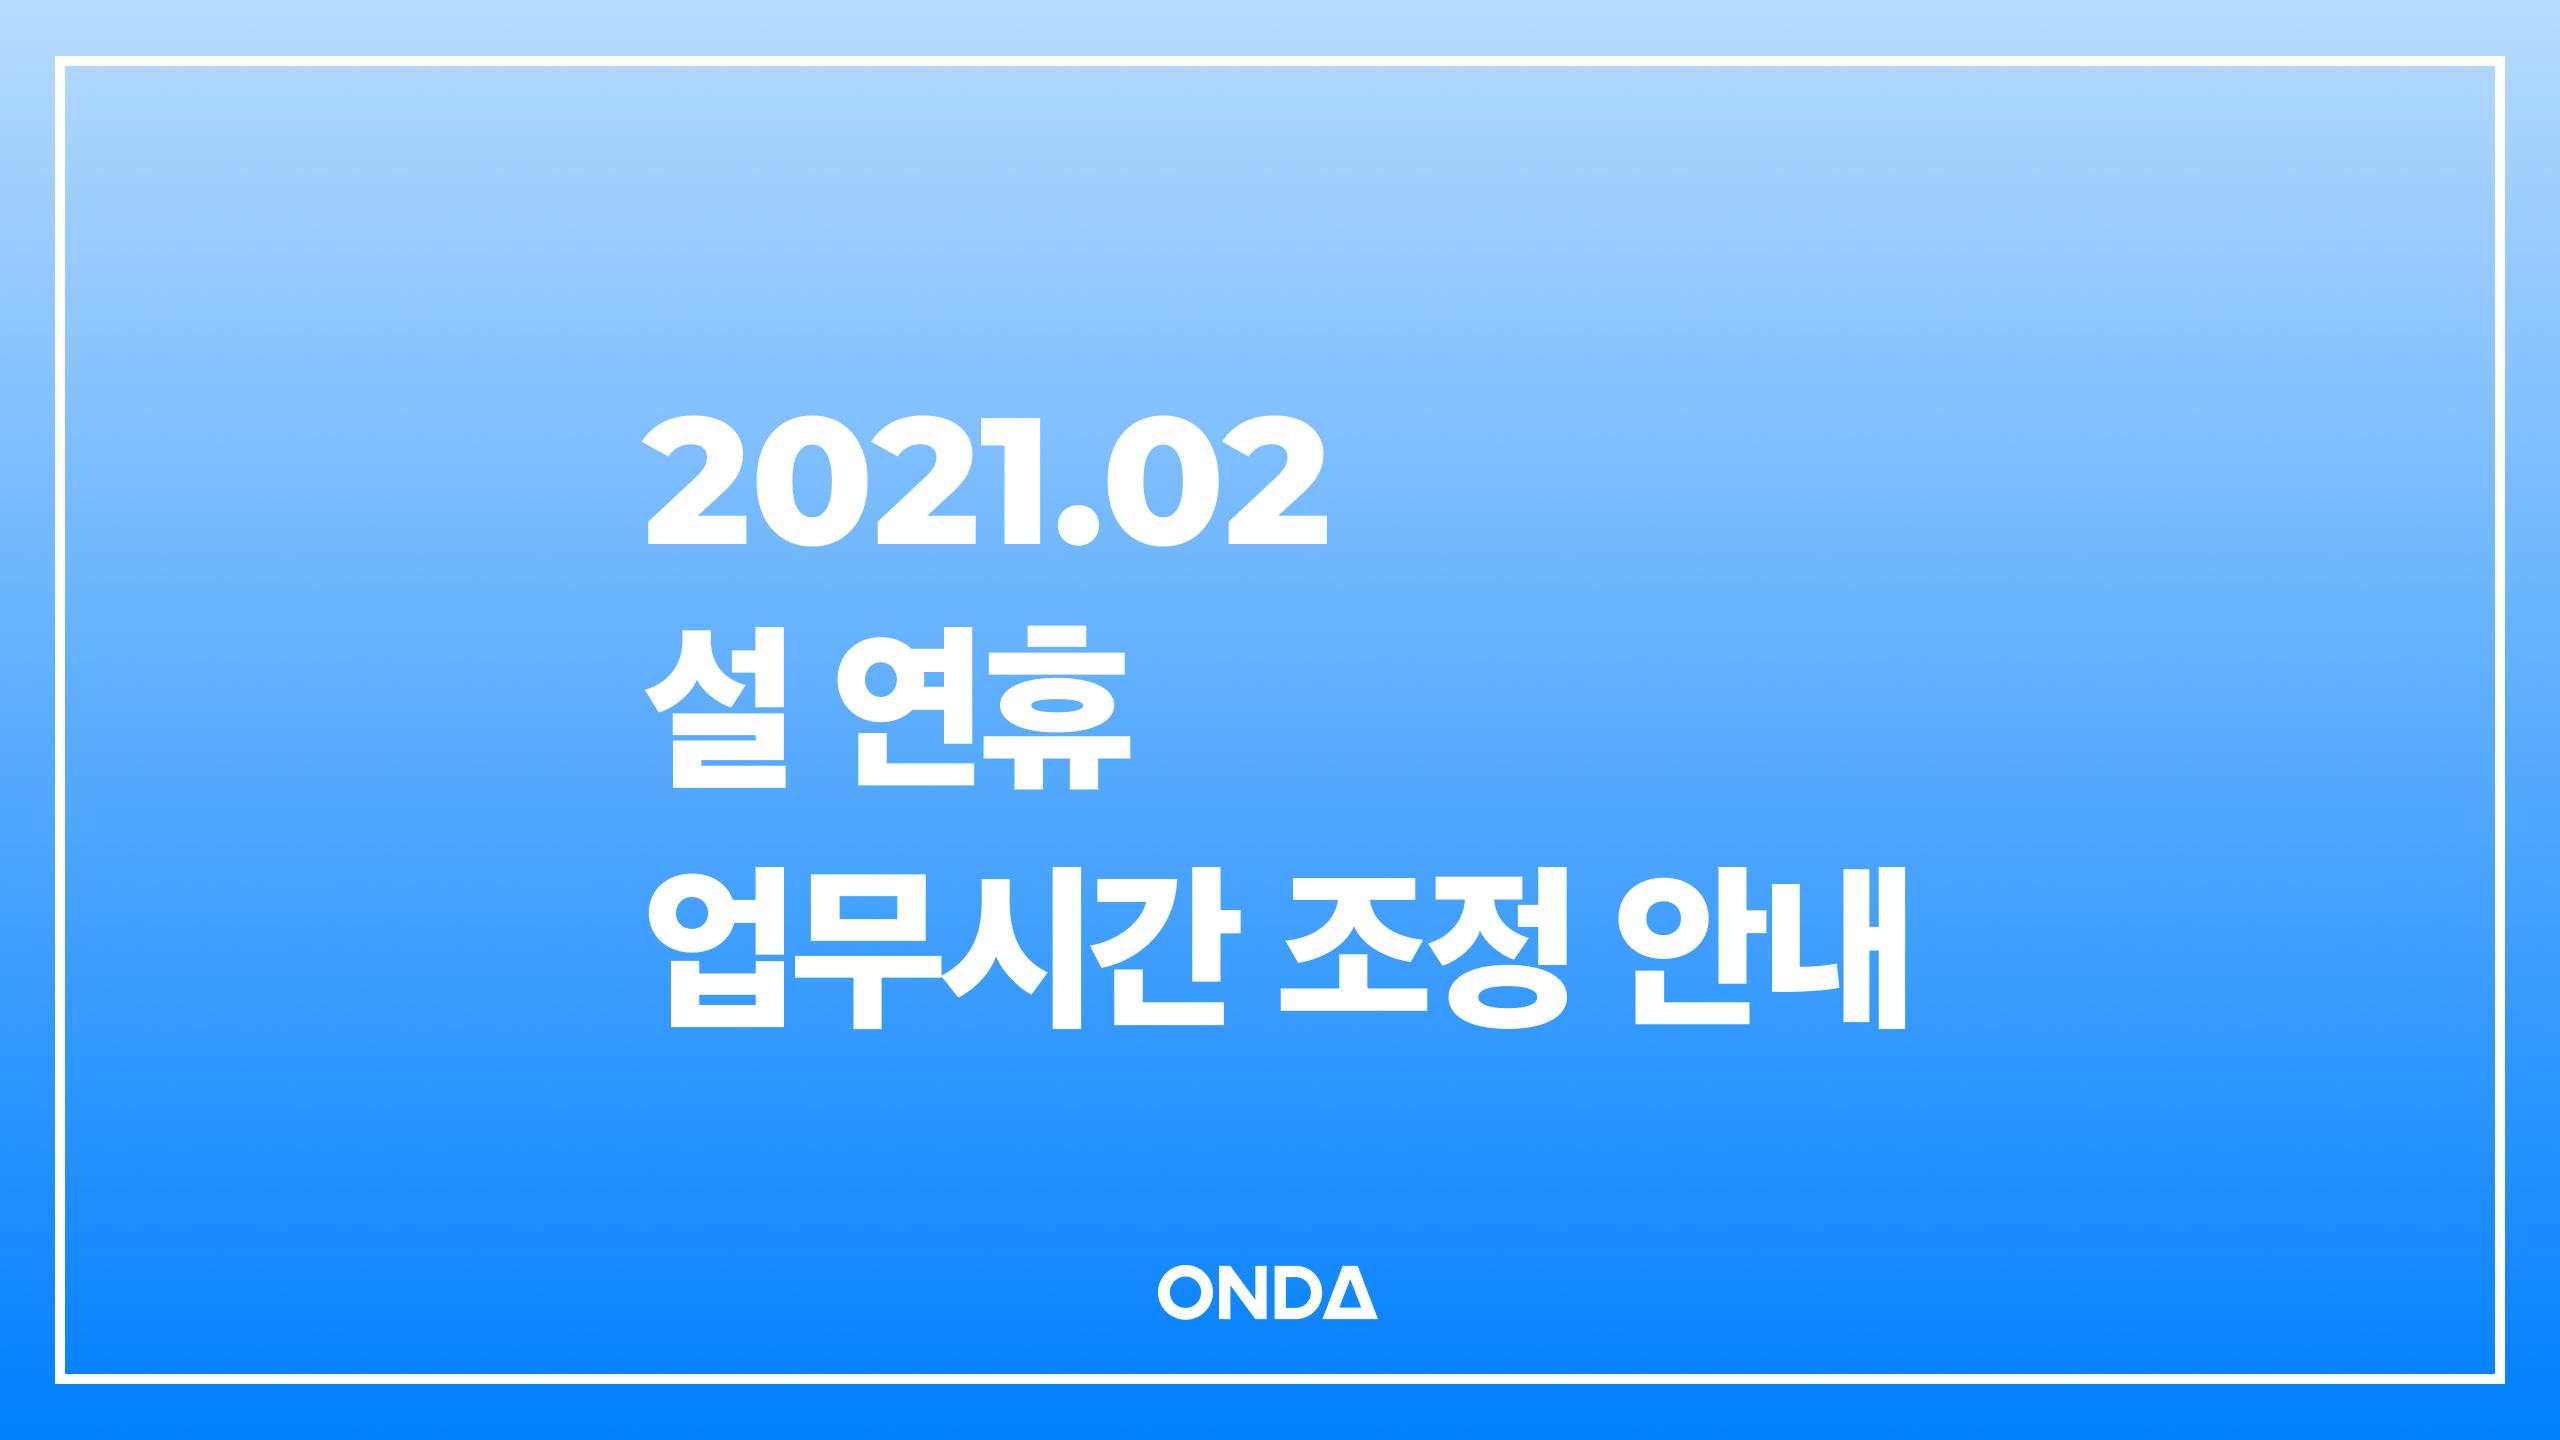 공지] ONDA 15년 15월 설 연휴 업무시간 조정 안내 공지사항